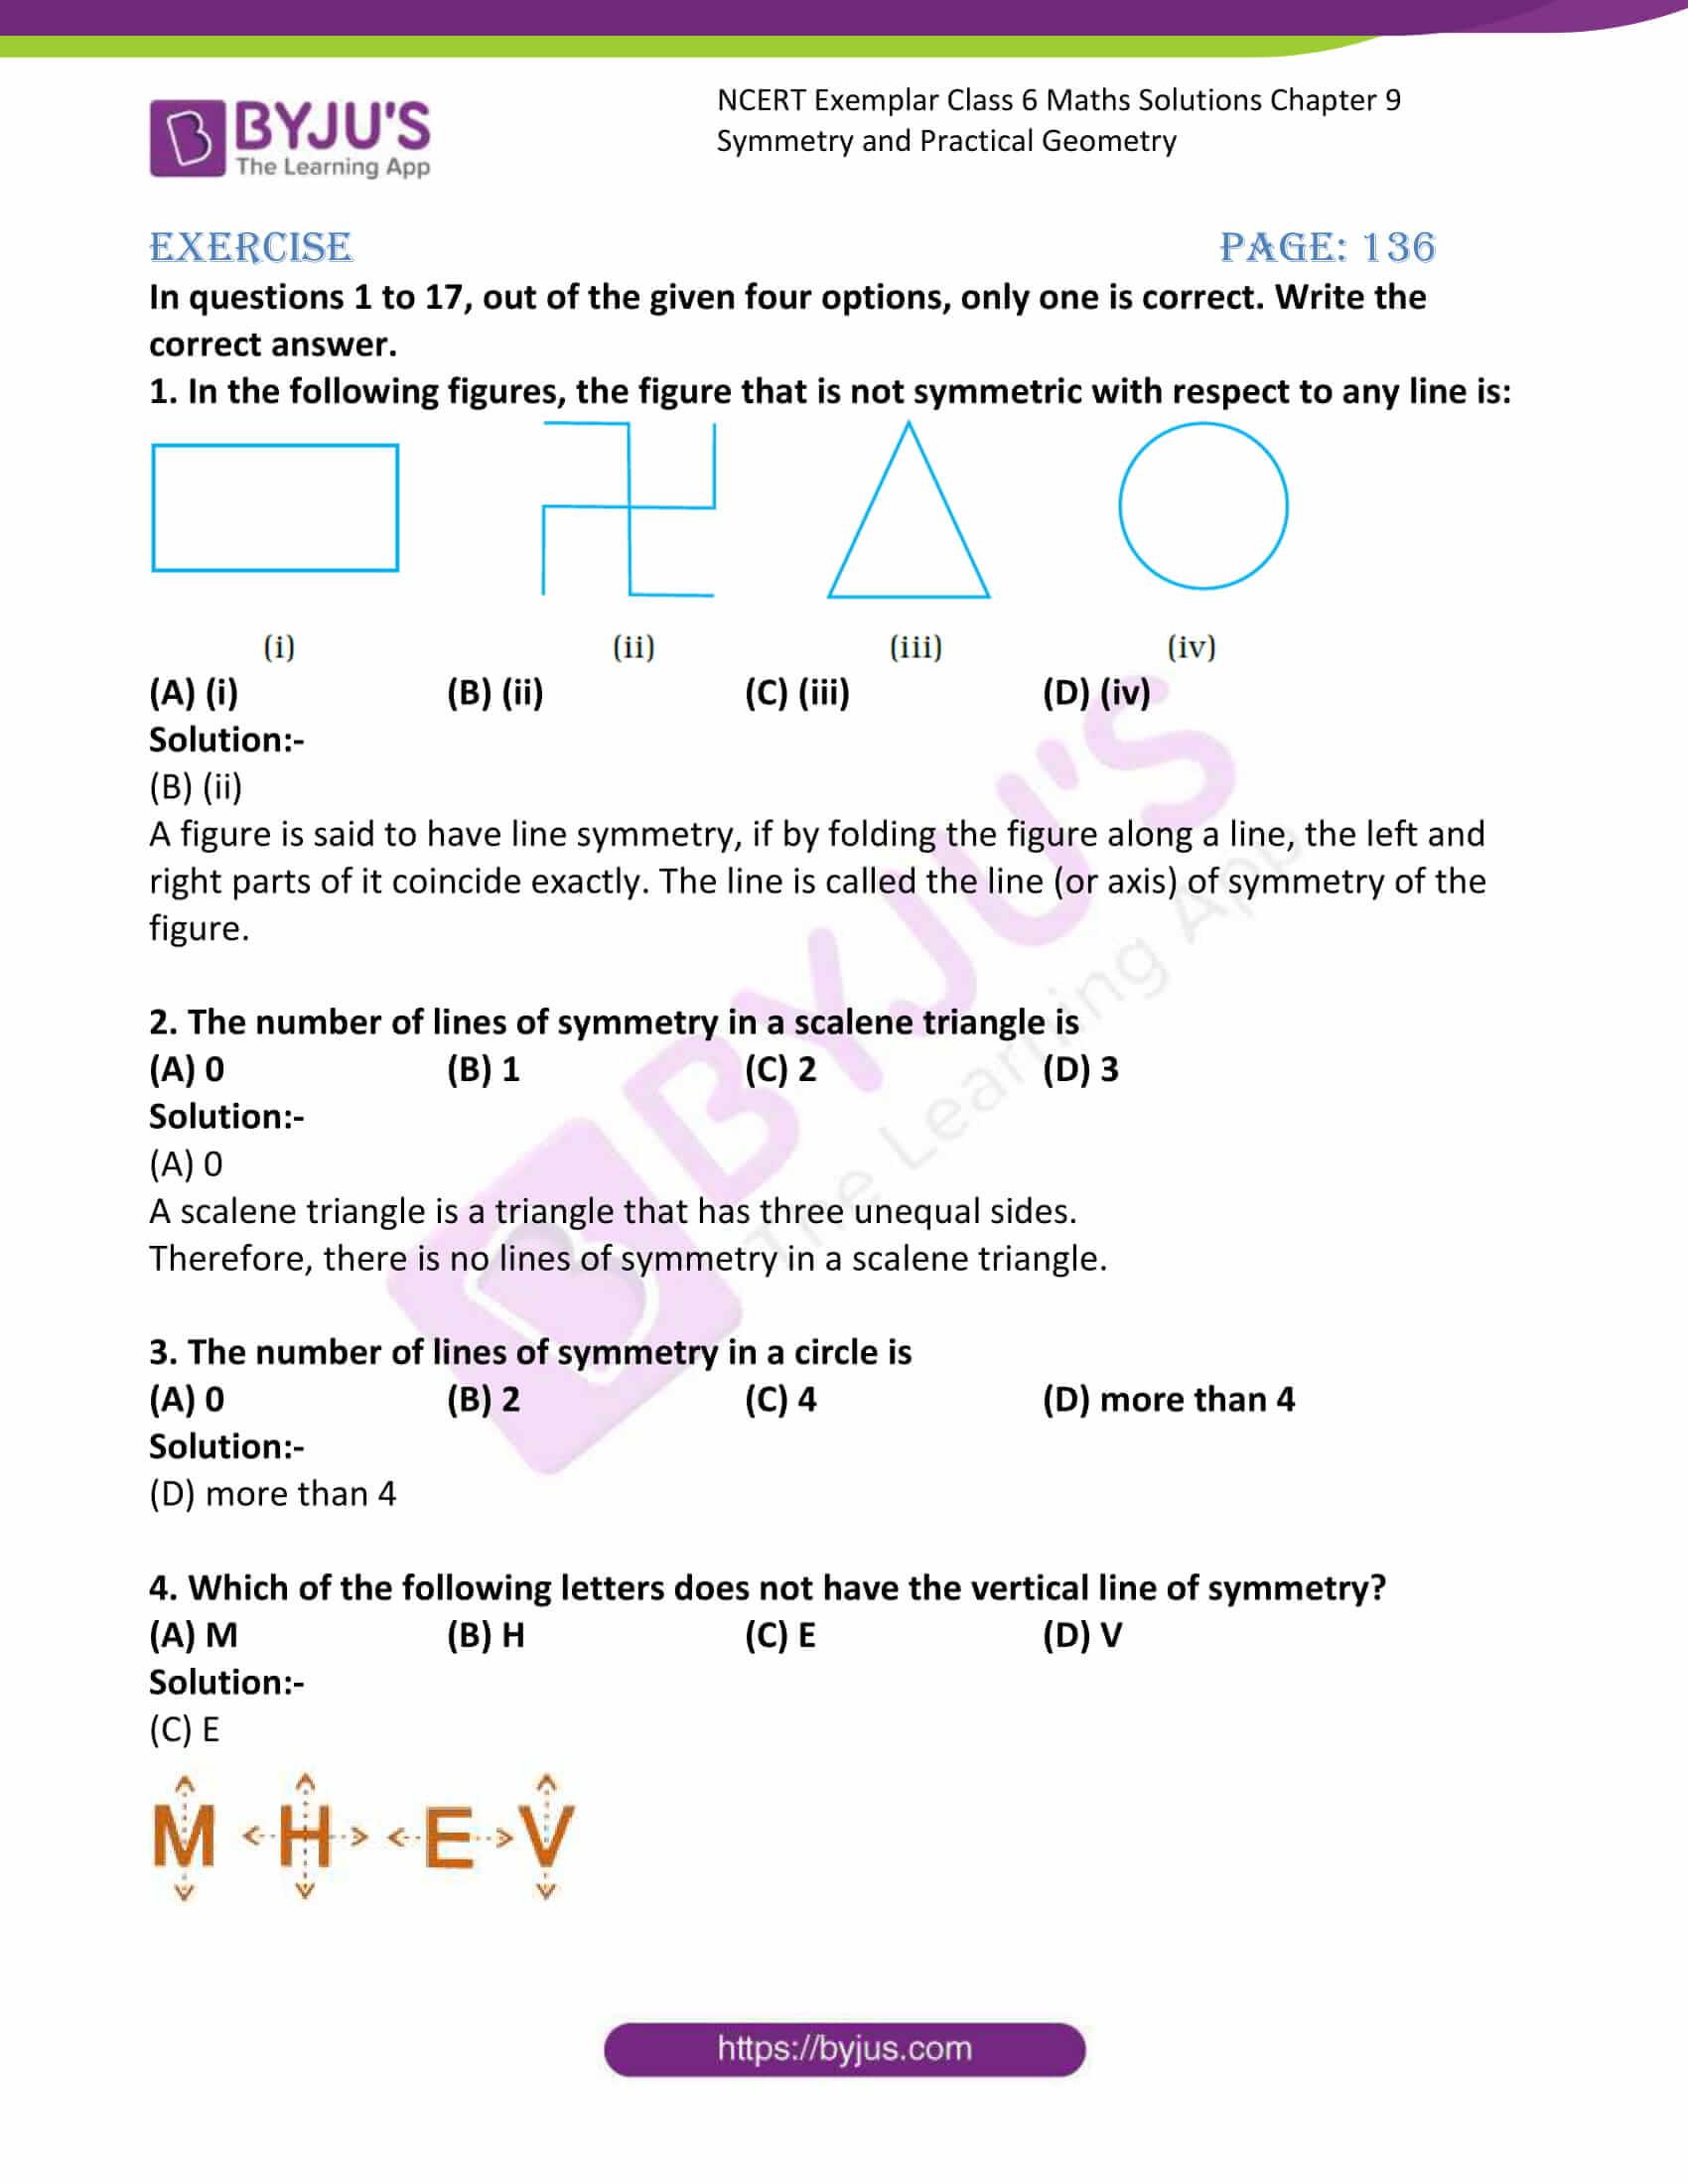 ncert exemplar class 6 maths sol ch 9 1